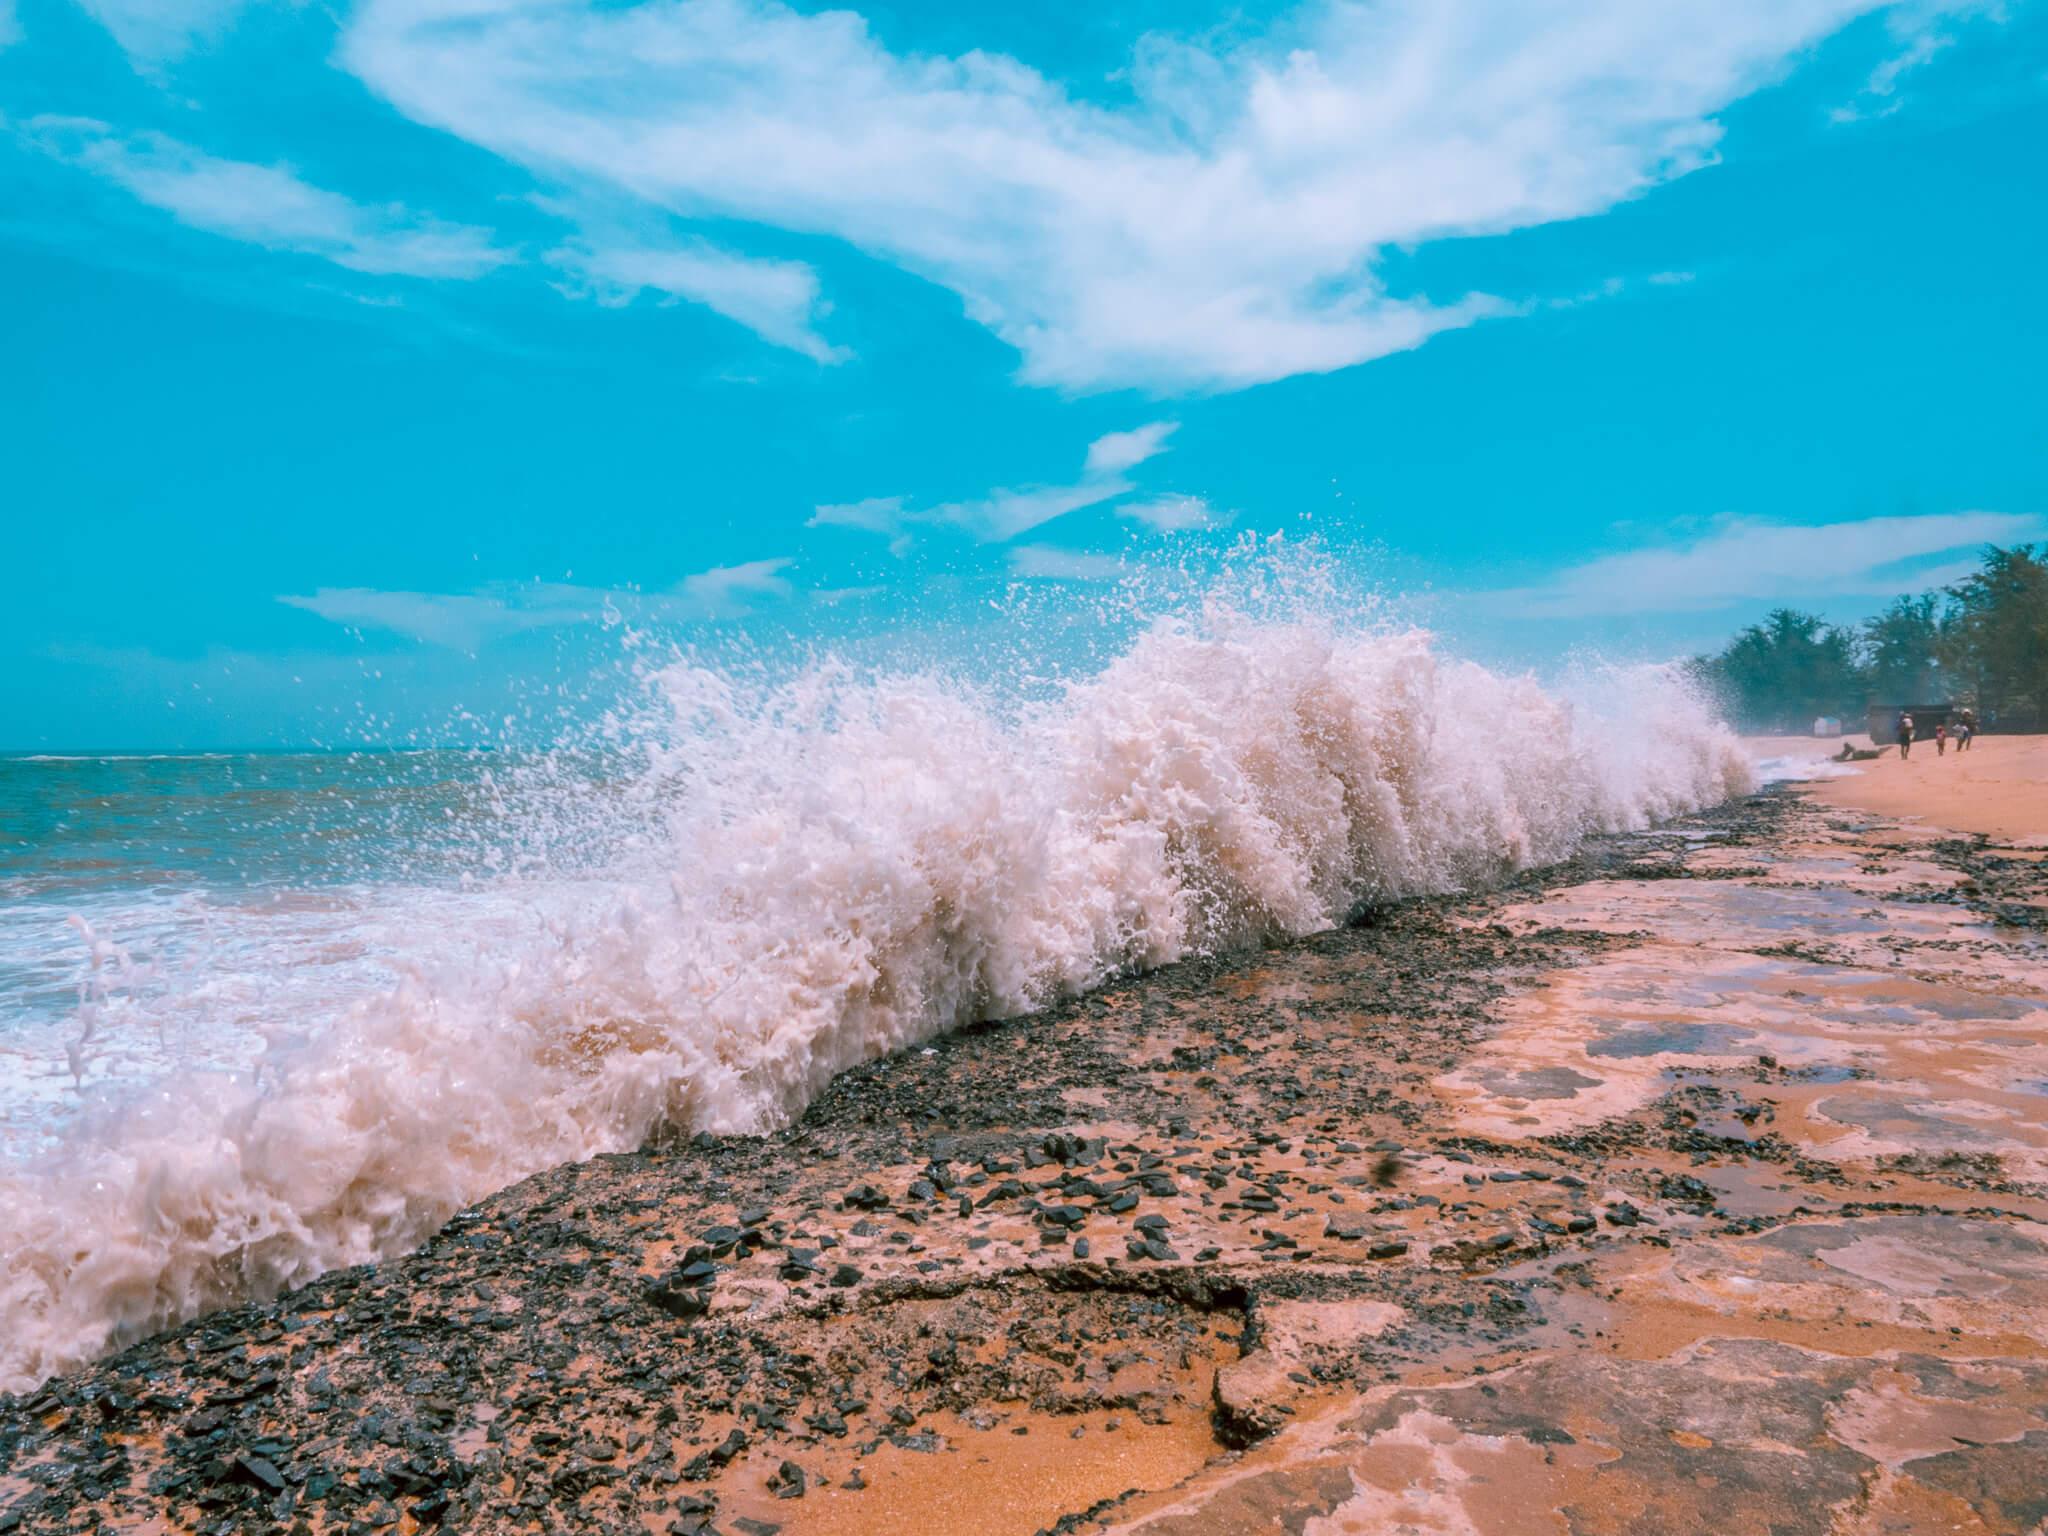 Manakaran aallot